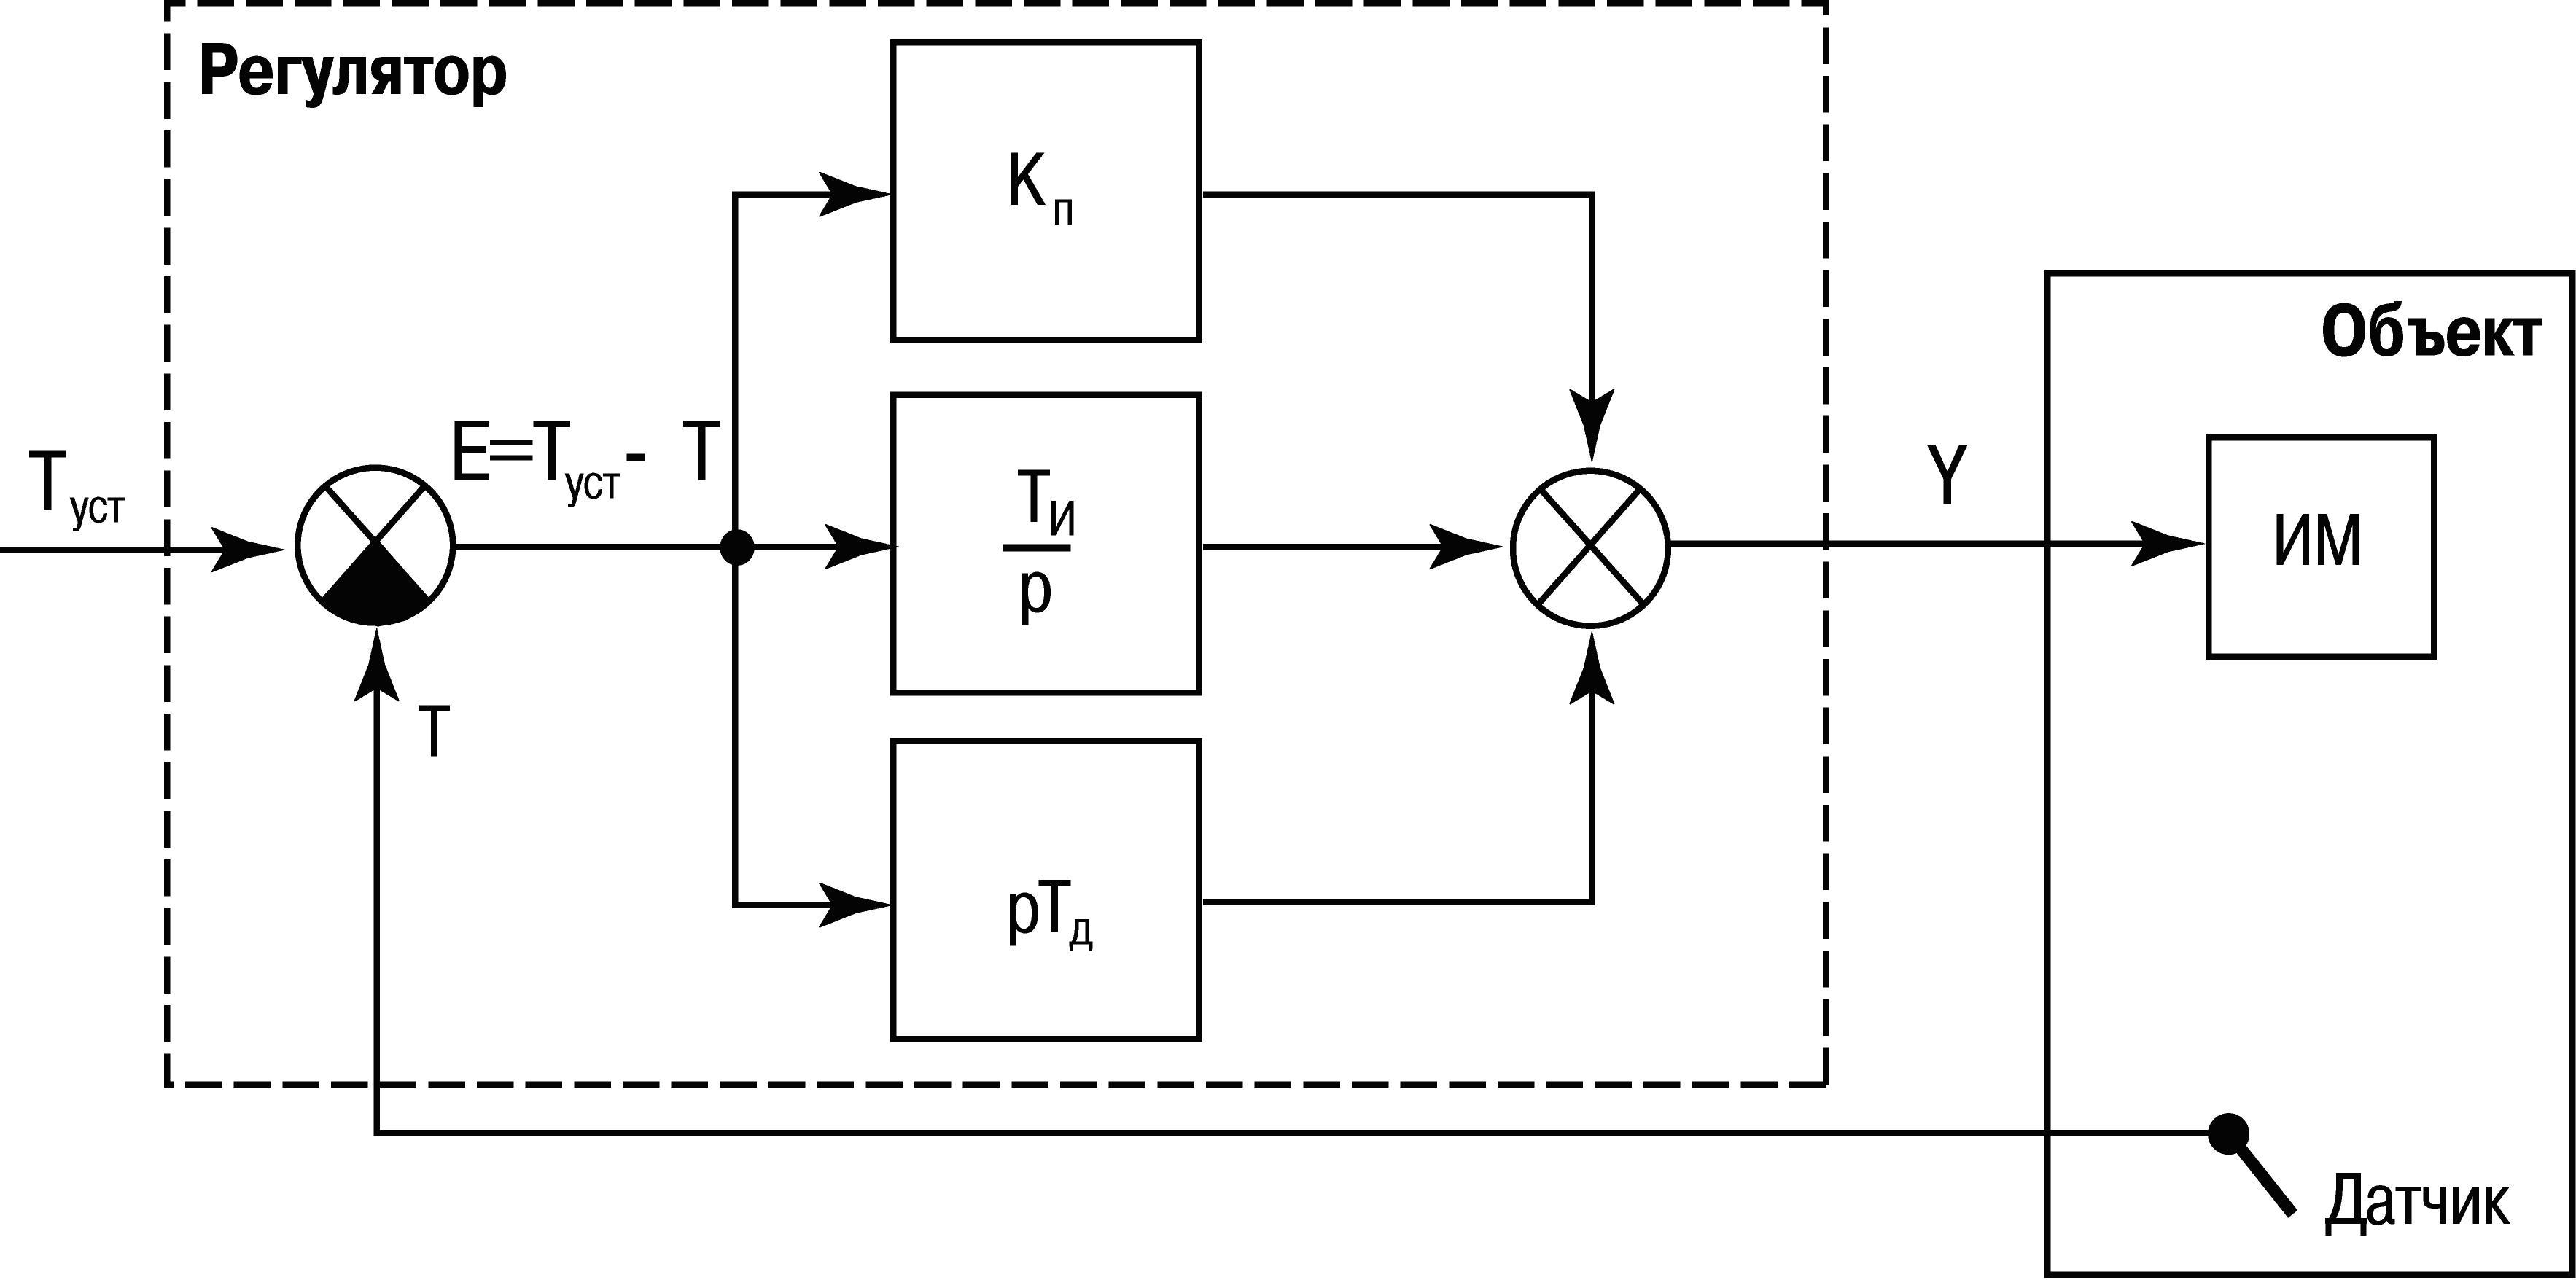 автоматические регуляторы в картинках данной сферы